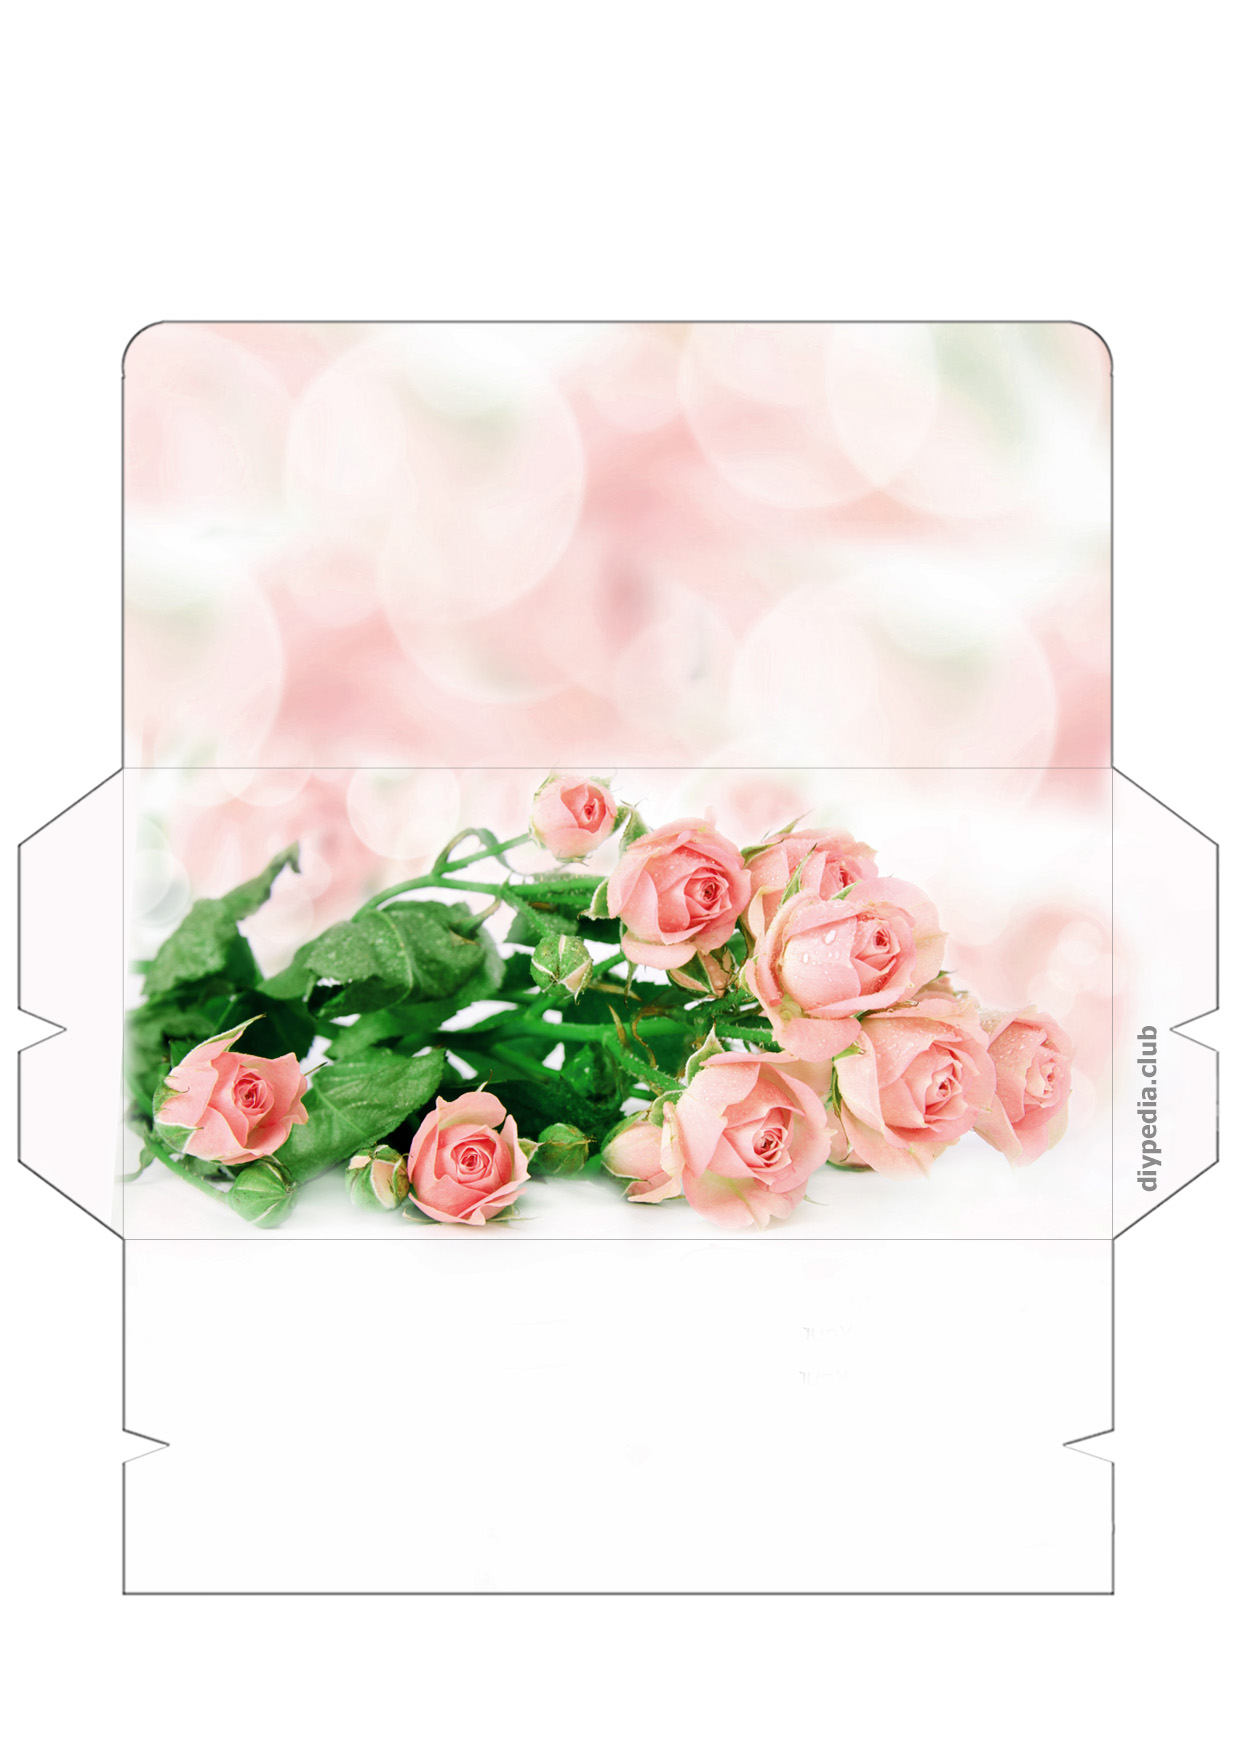 конверты с поздравлениями для печати руками перемешиваем крахмал